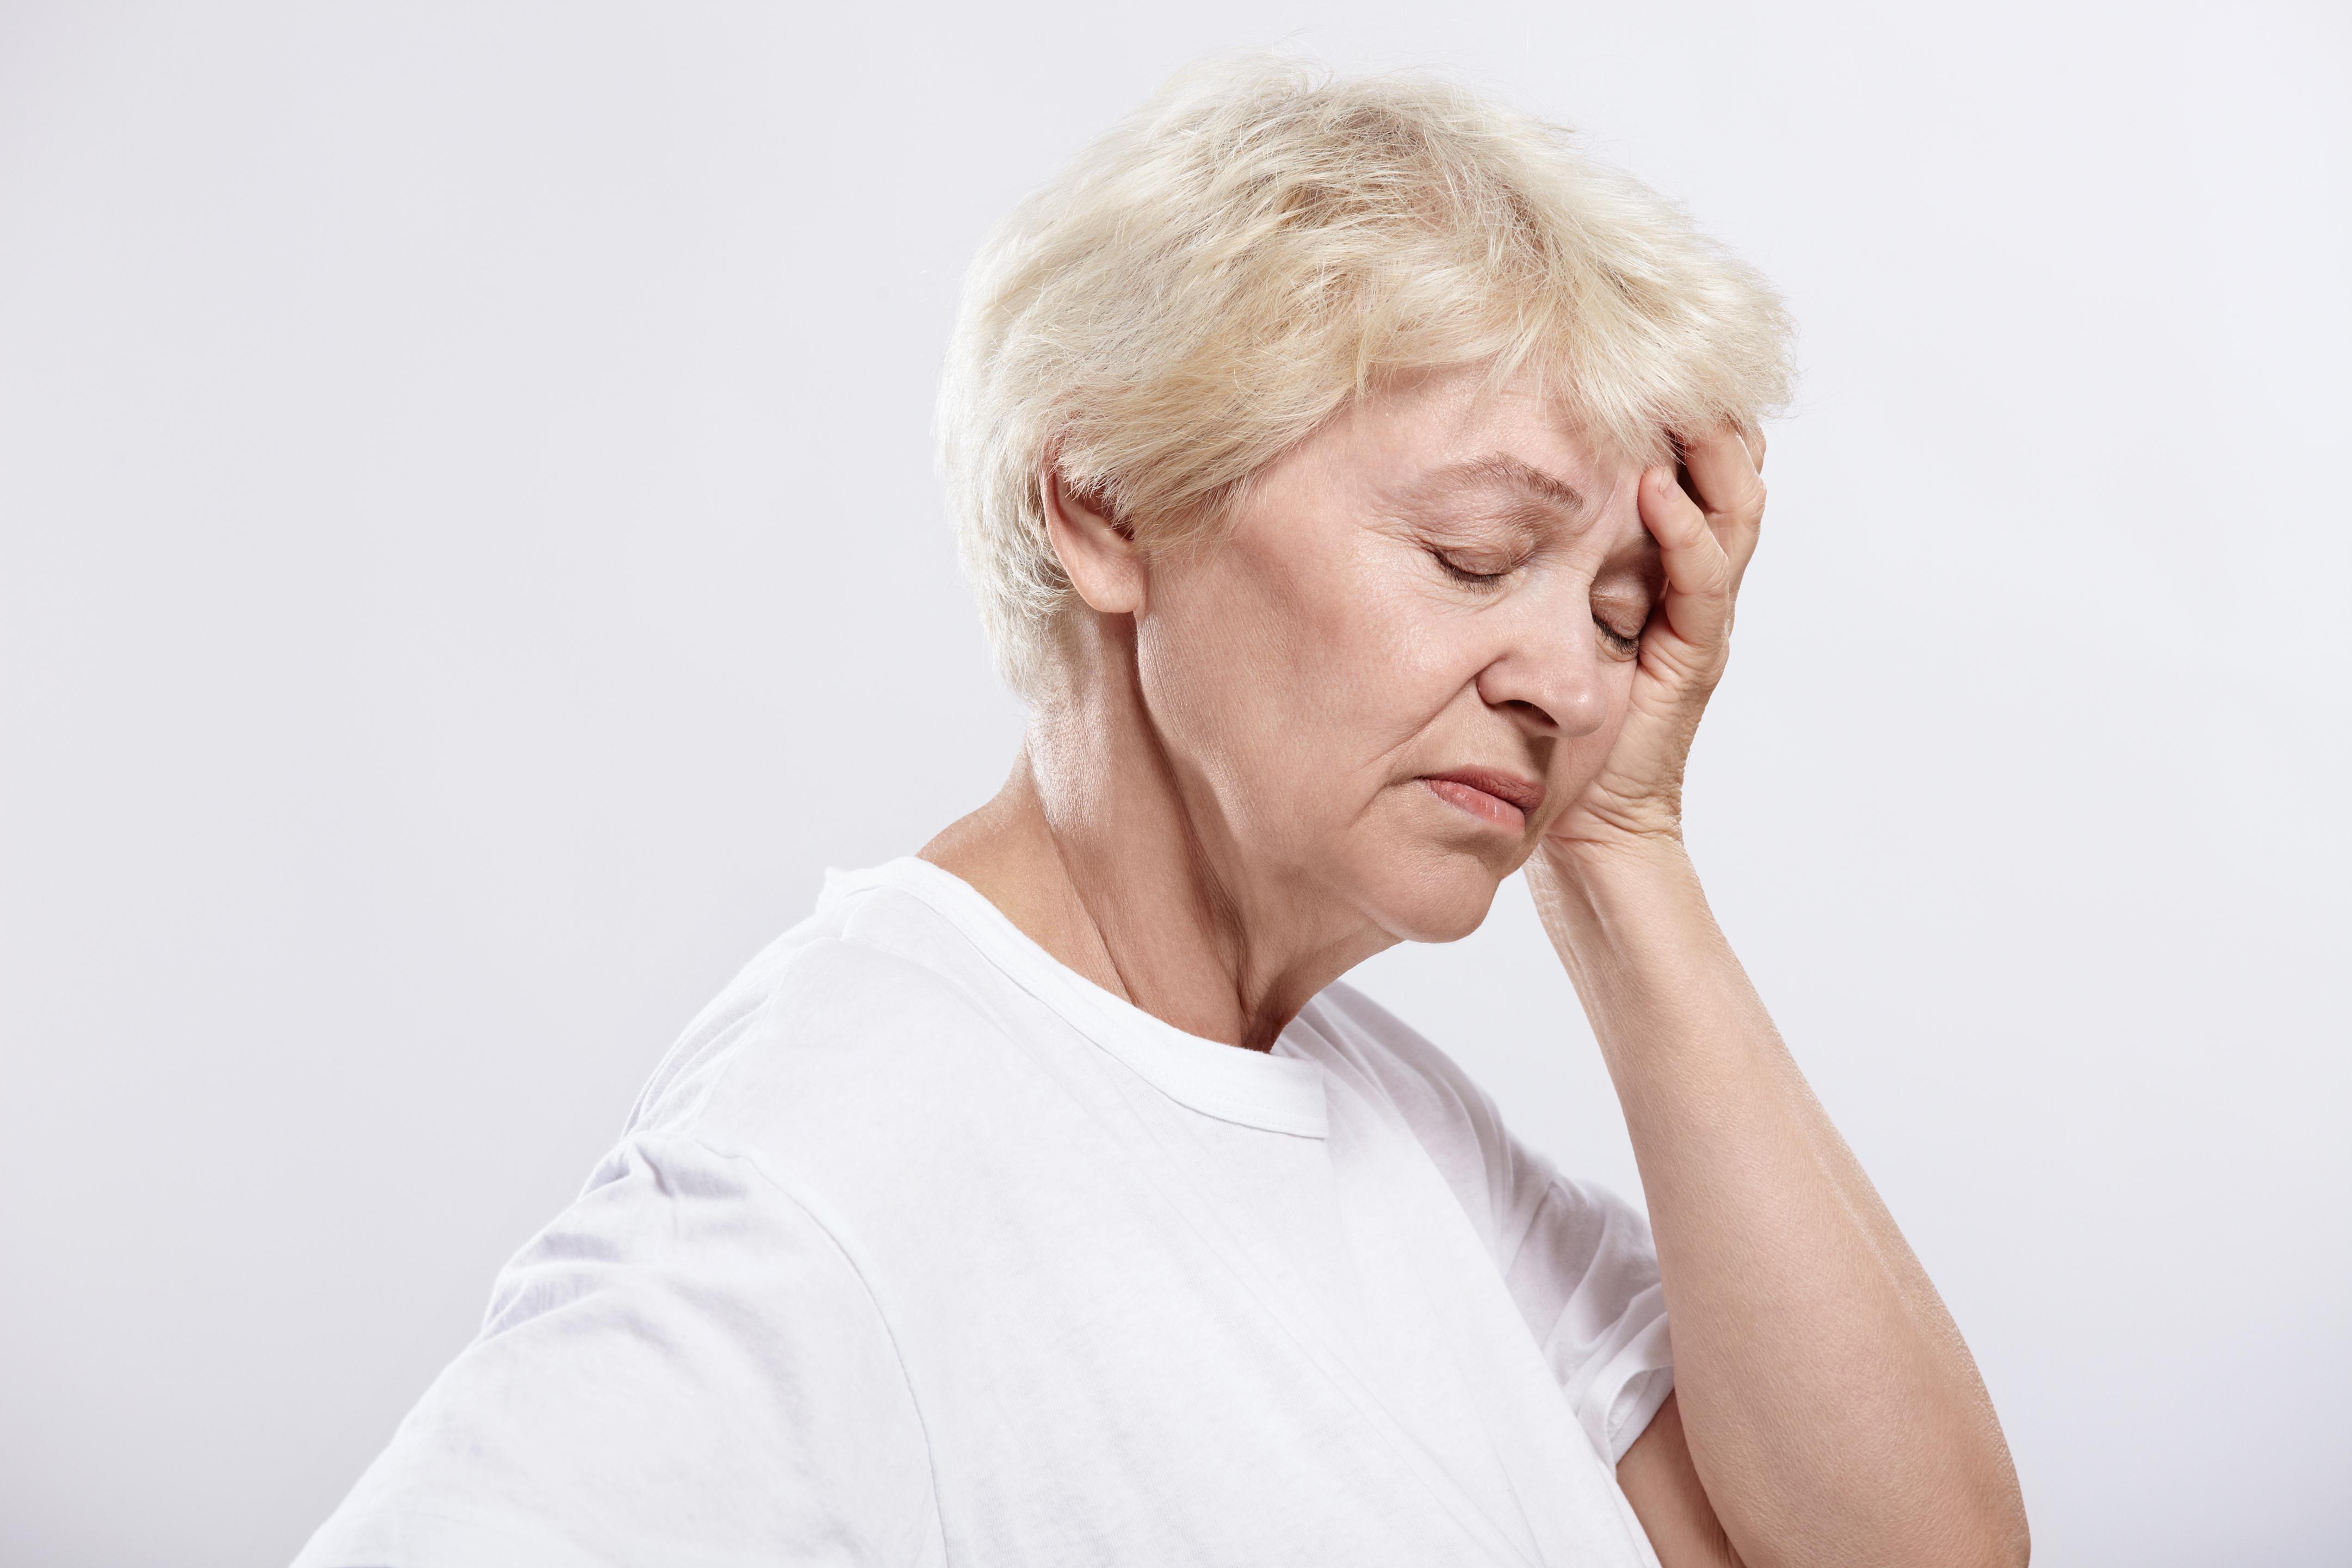 Yrsel är ett av symtomen vid MDS, en cancersjukdom som mestadels drabbar äldre.